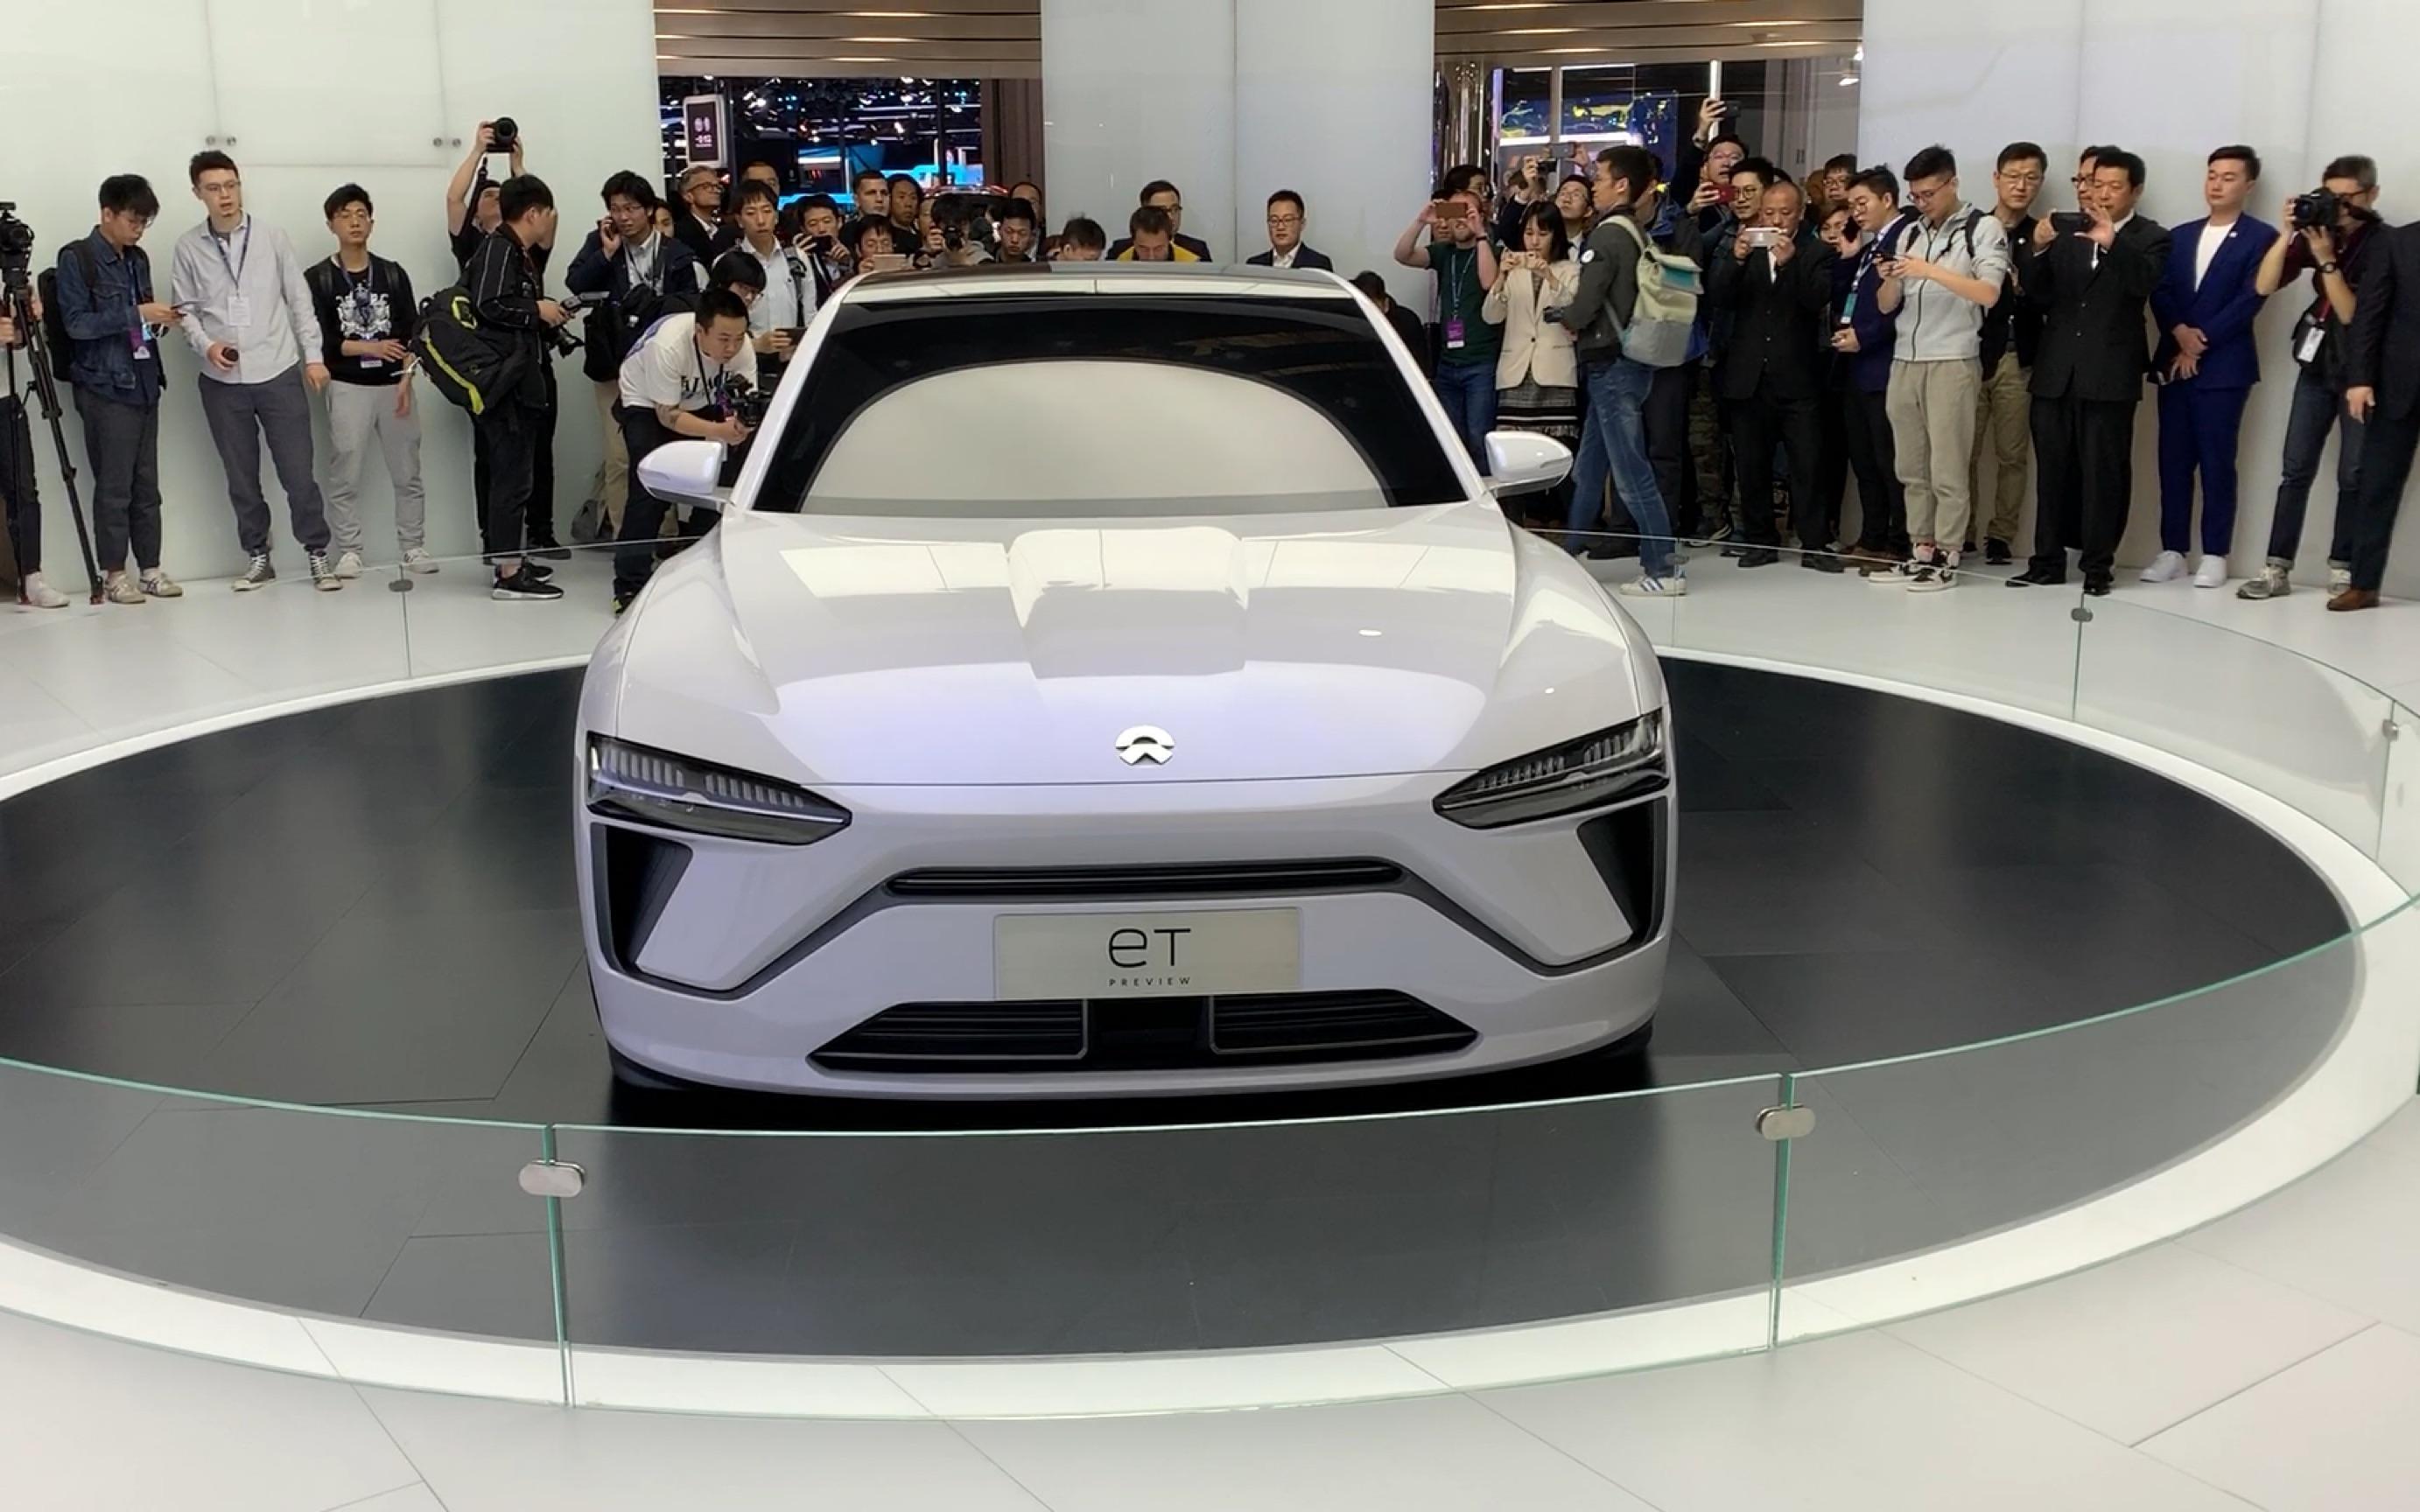 蔚来首款轿车ET7最快9号亮相,能否抵抗特斯拉?